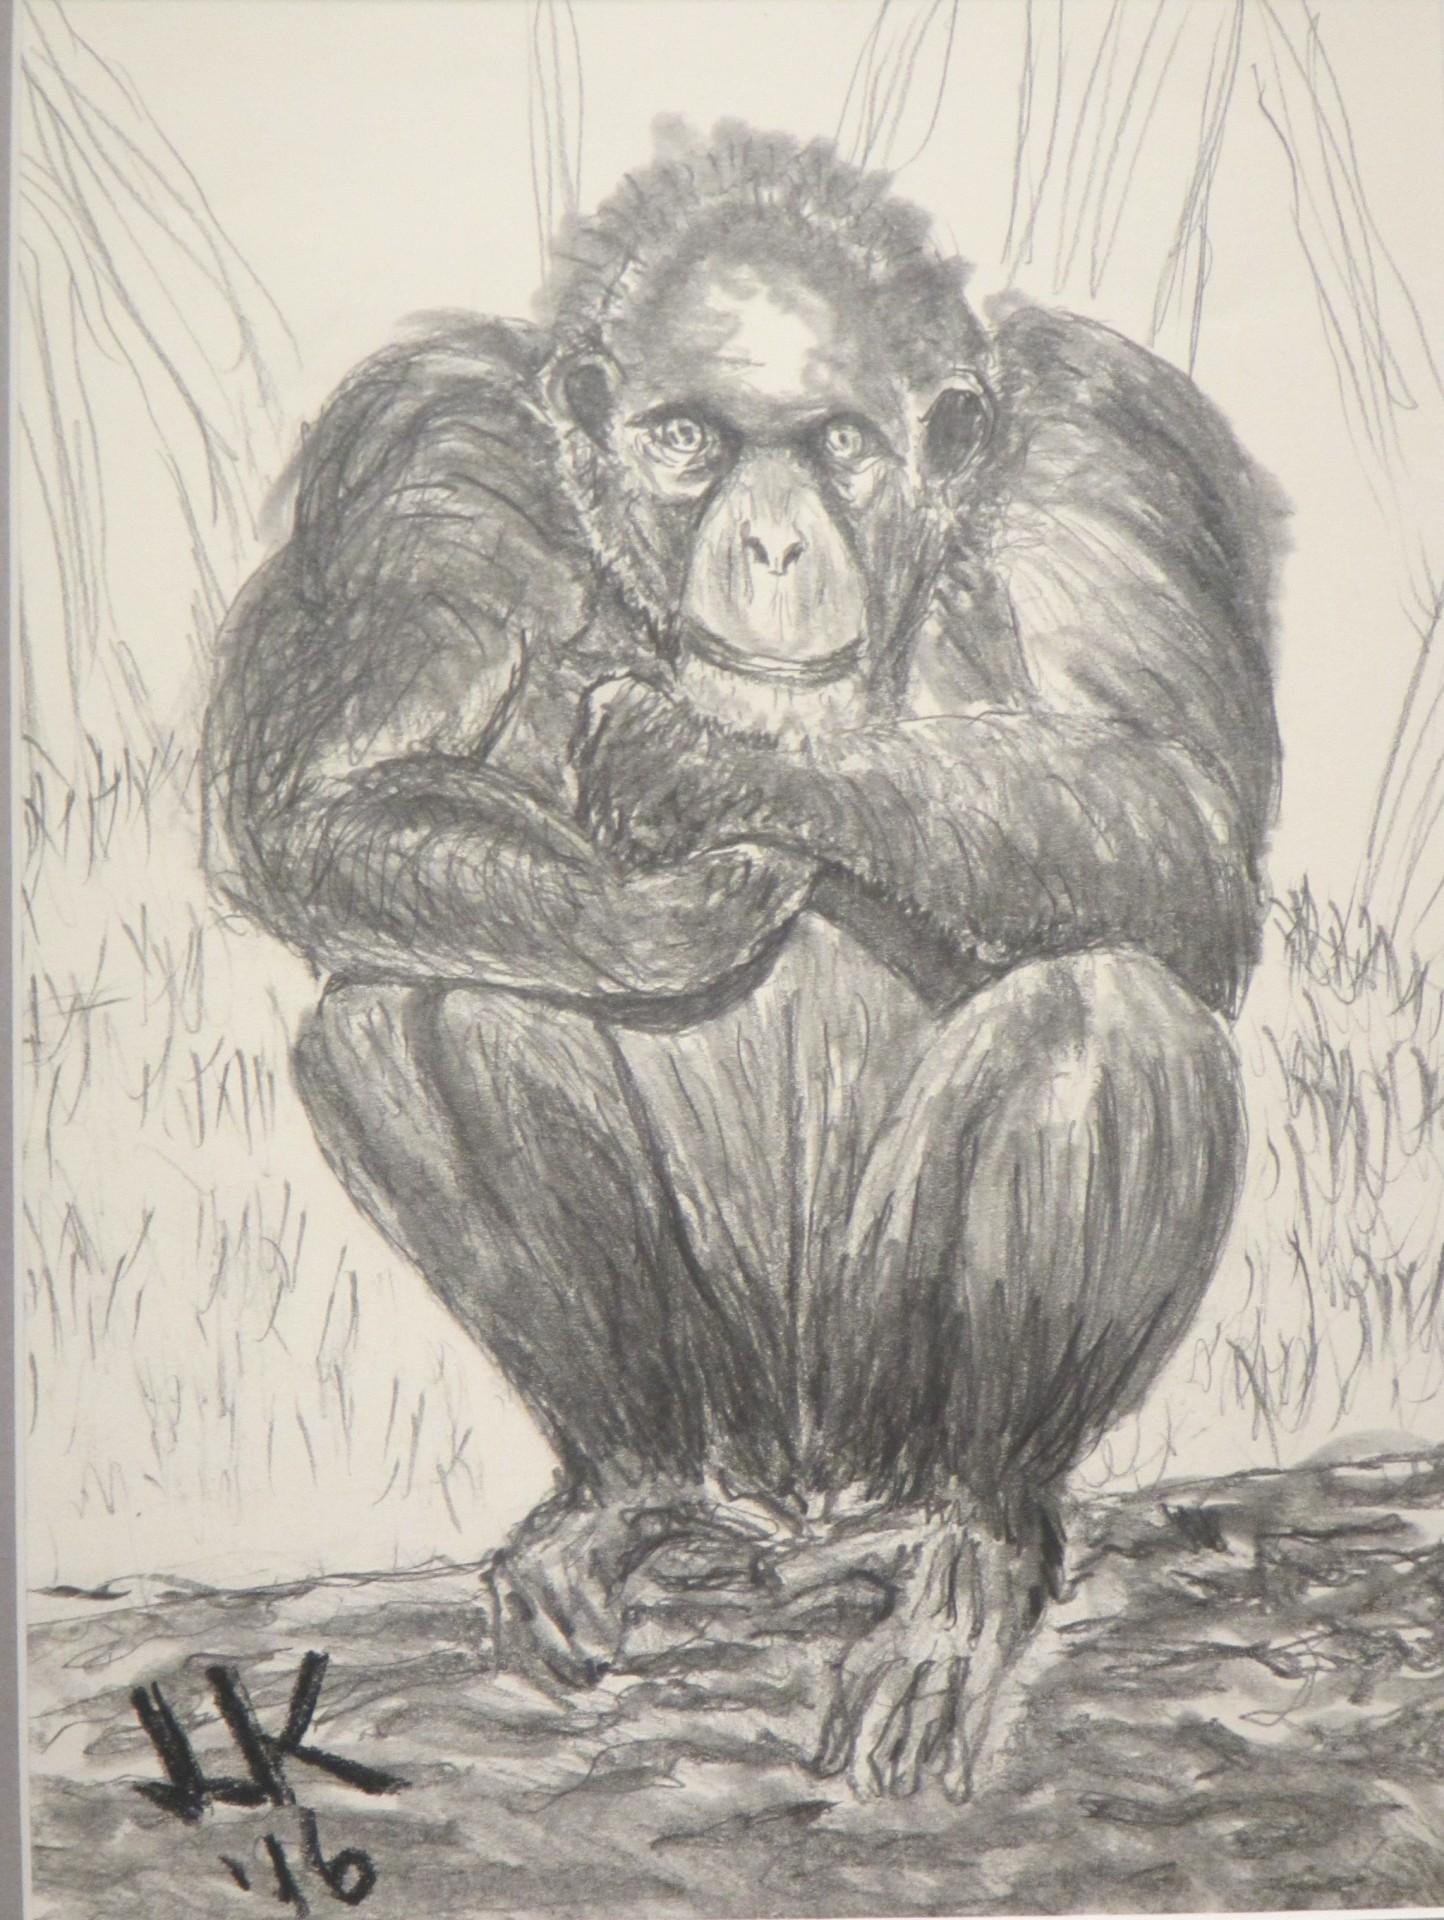 A very thoughtful chimpanzee.